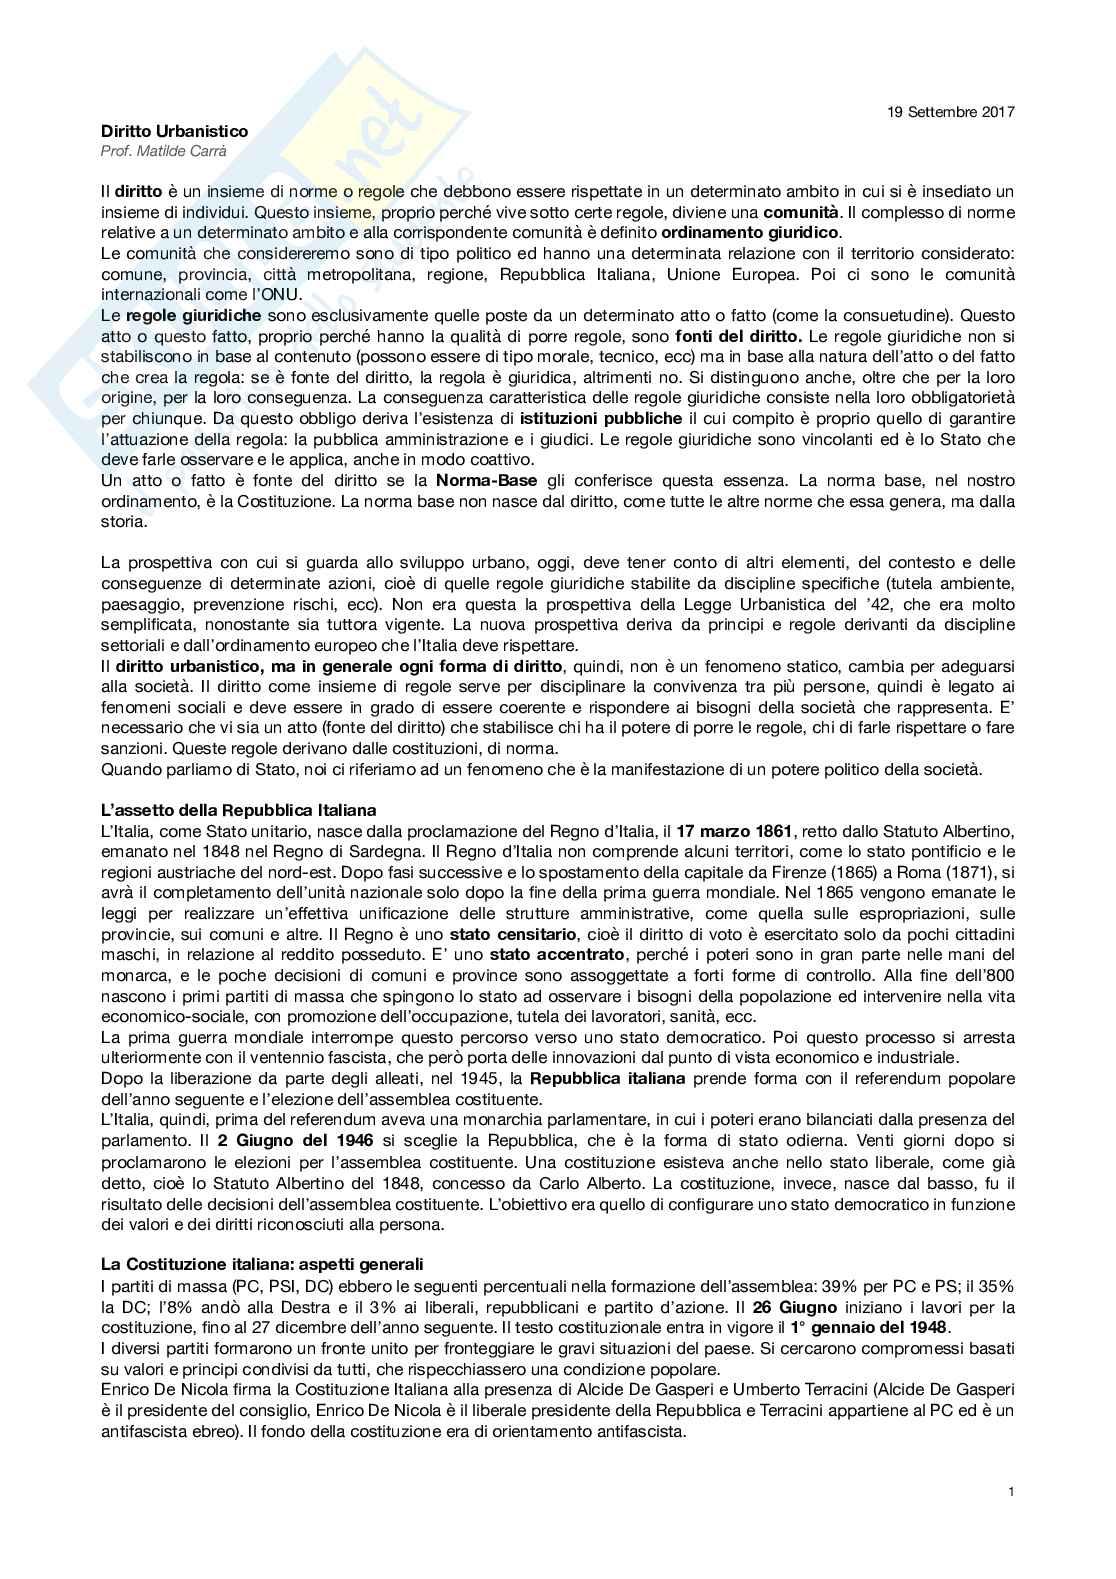 Diritto urbanistico e governo del territorio - Appunti